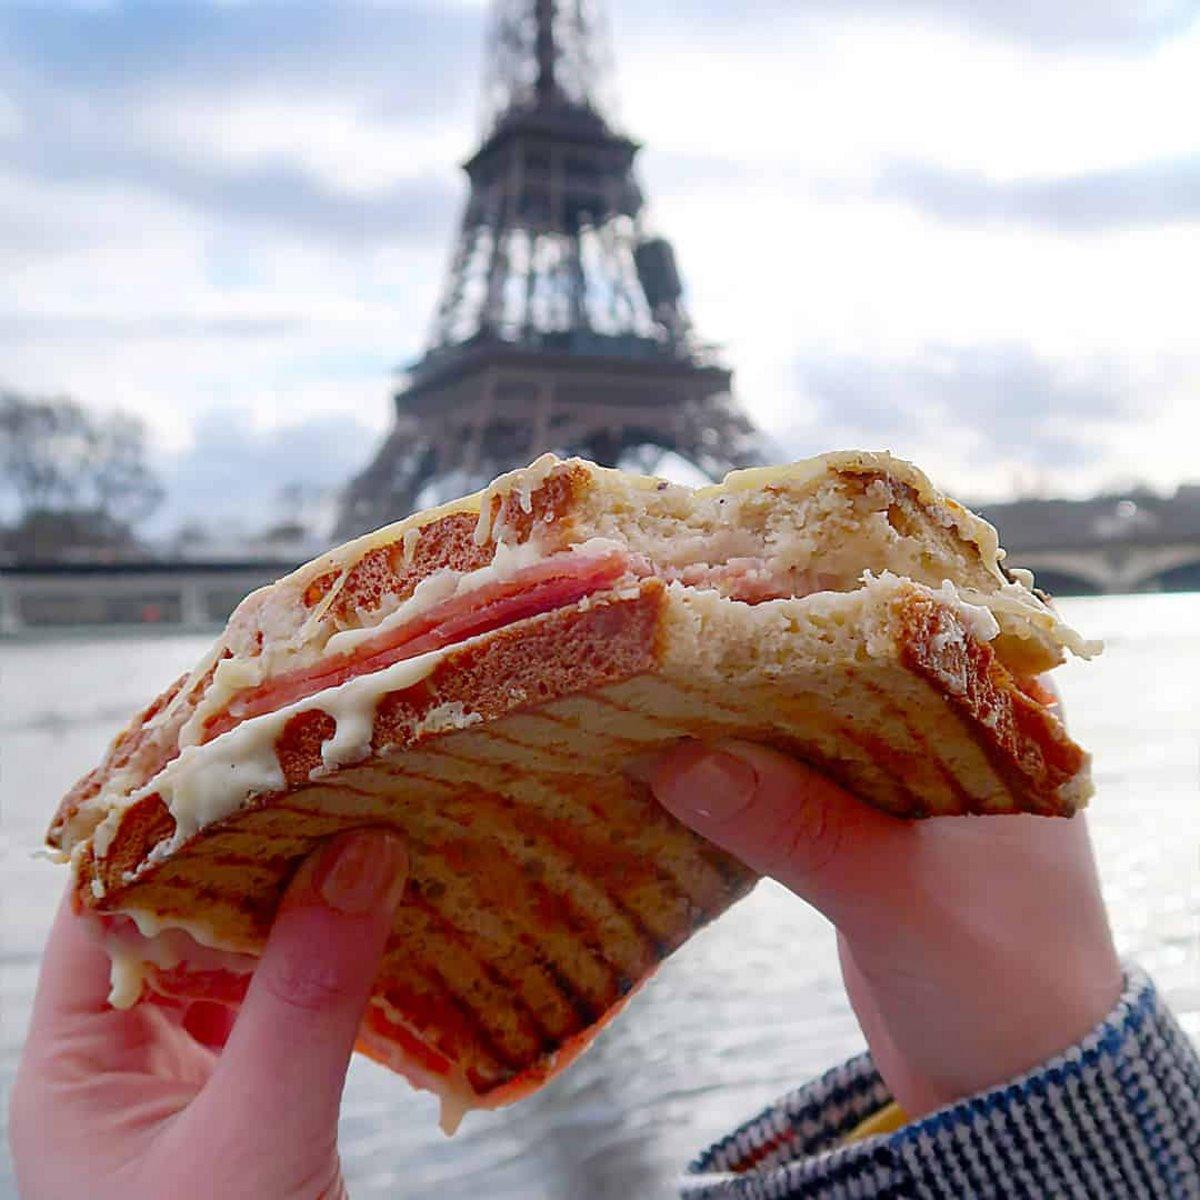 Food & Τravel: Μια μοναδική... γαστρονομική περιπέτεια στις 10 καλύτερες αγορές τροφίμων στην Ευρώπη!